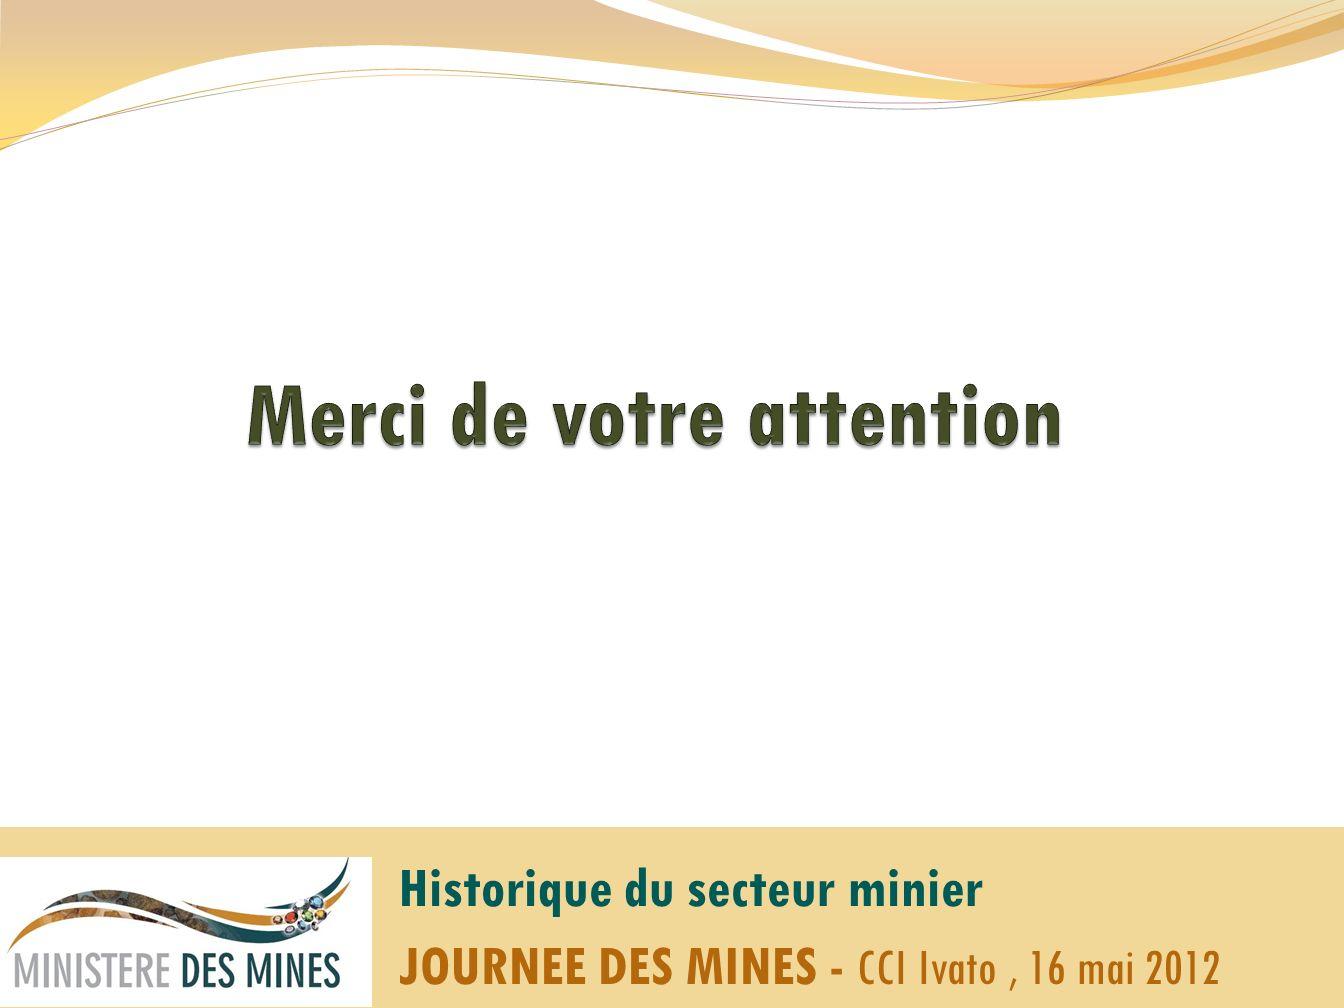 Historique du secteur minier JOURNEE DES MINES - CCI Ivato, 16 mai 2012